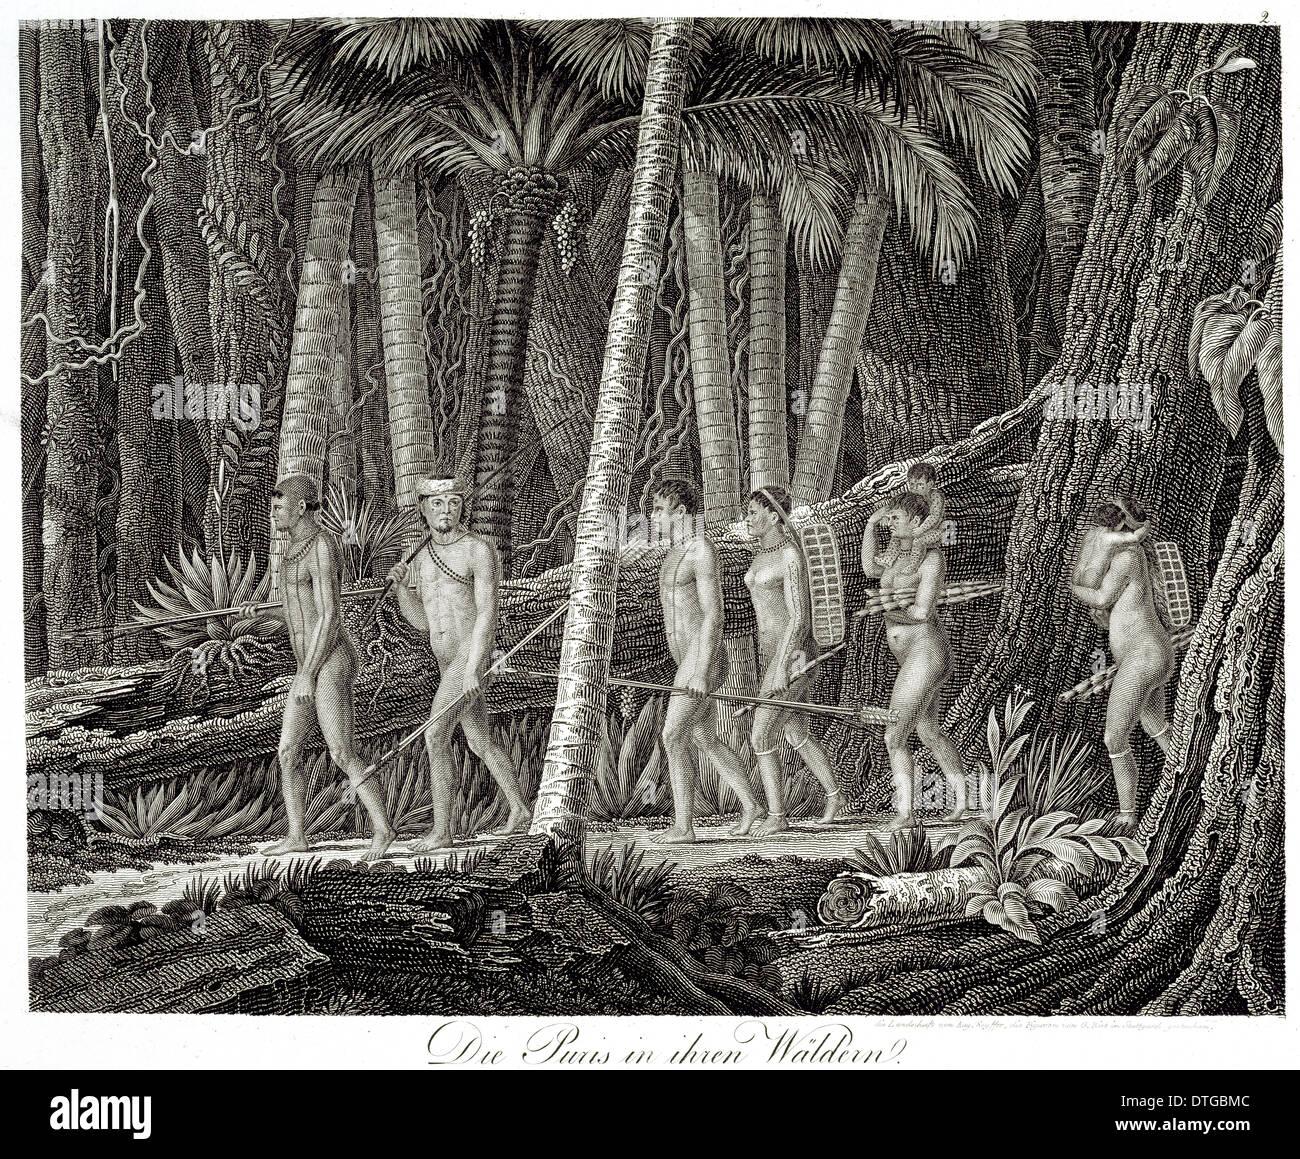 Die Puris in ihren Waldern - Stock Image